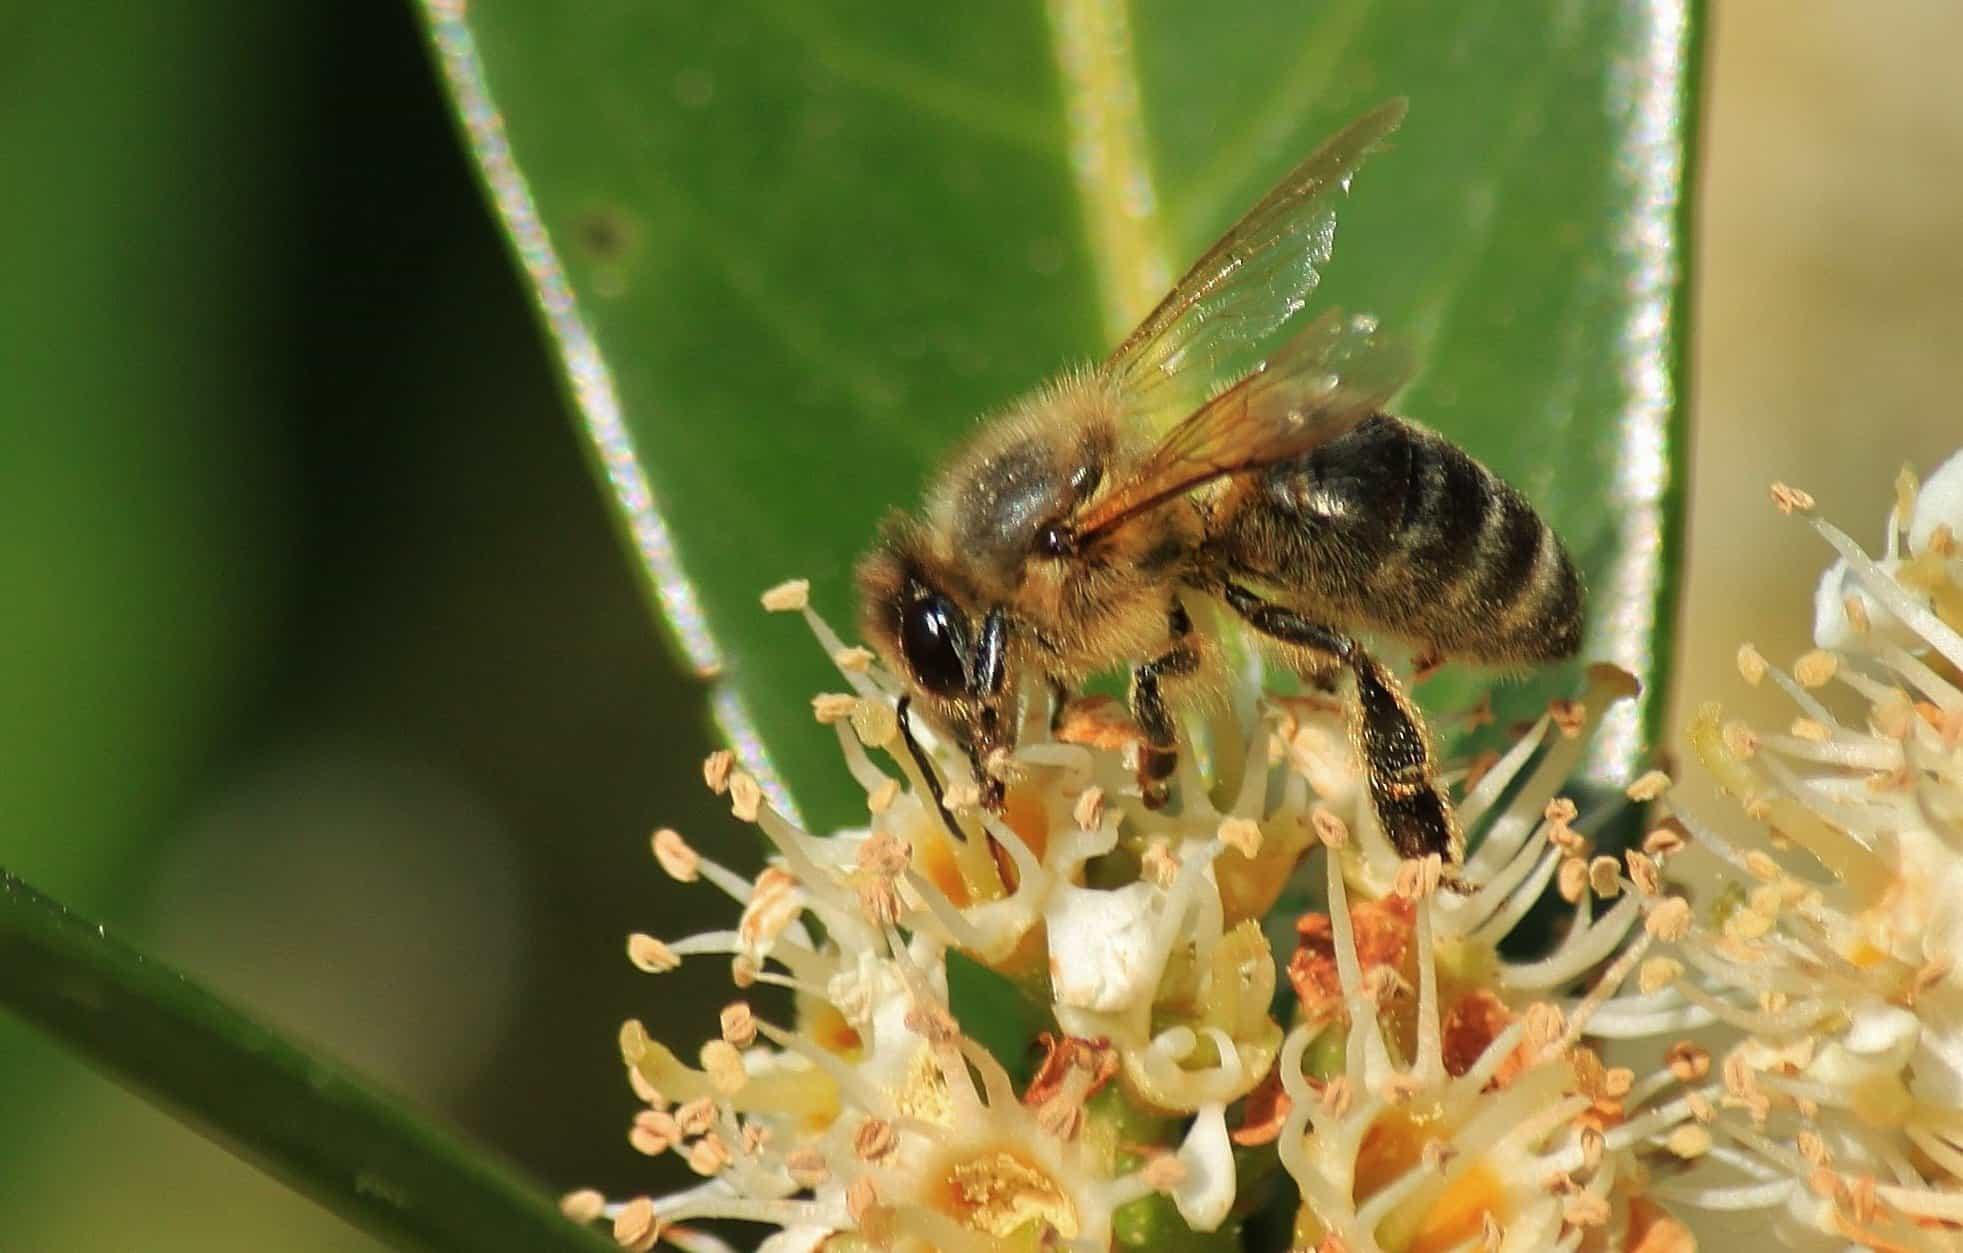 kostenlose bild natur insekten bienen pollen honig tier makro best ubung wild. Black Bedroom Furniture Sets. Home Design Ideas